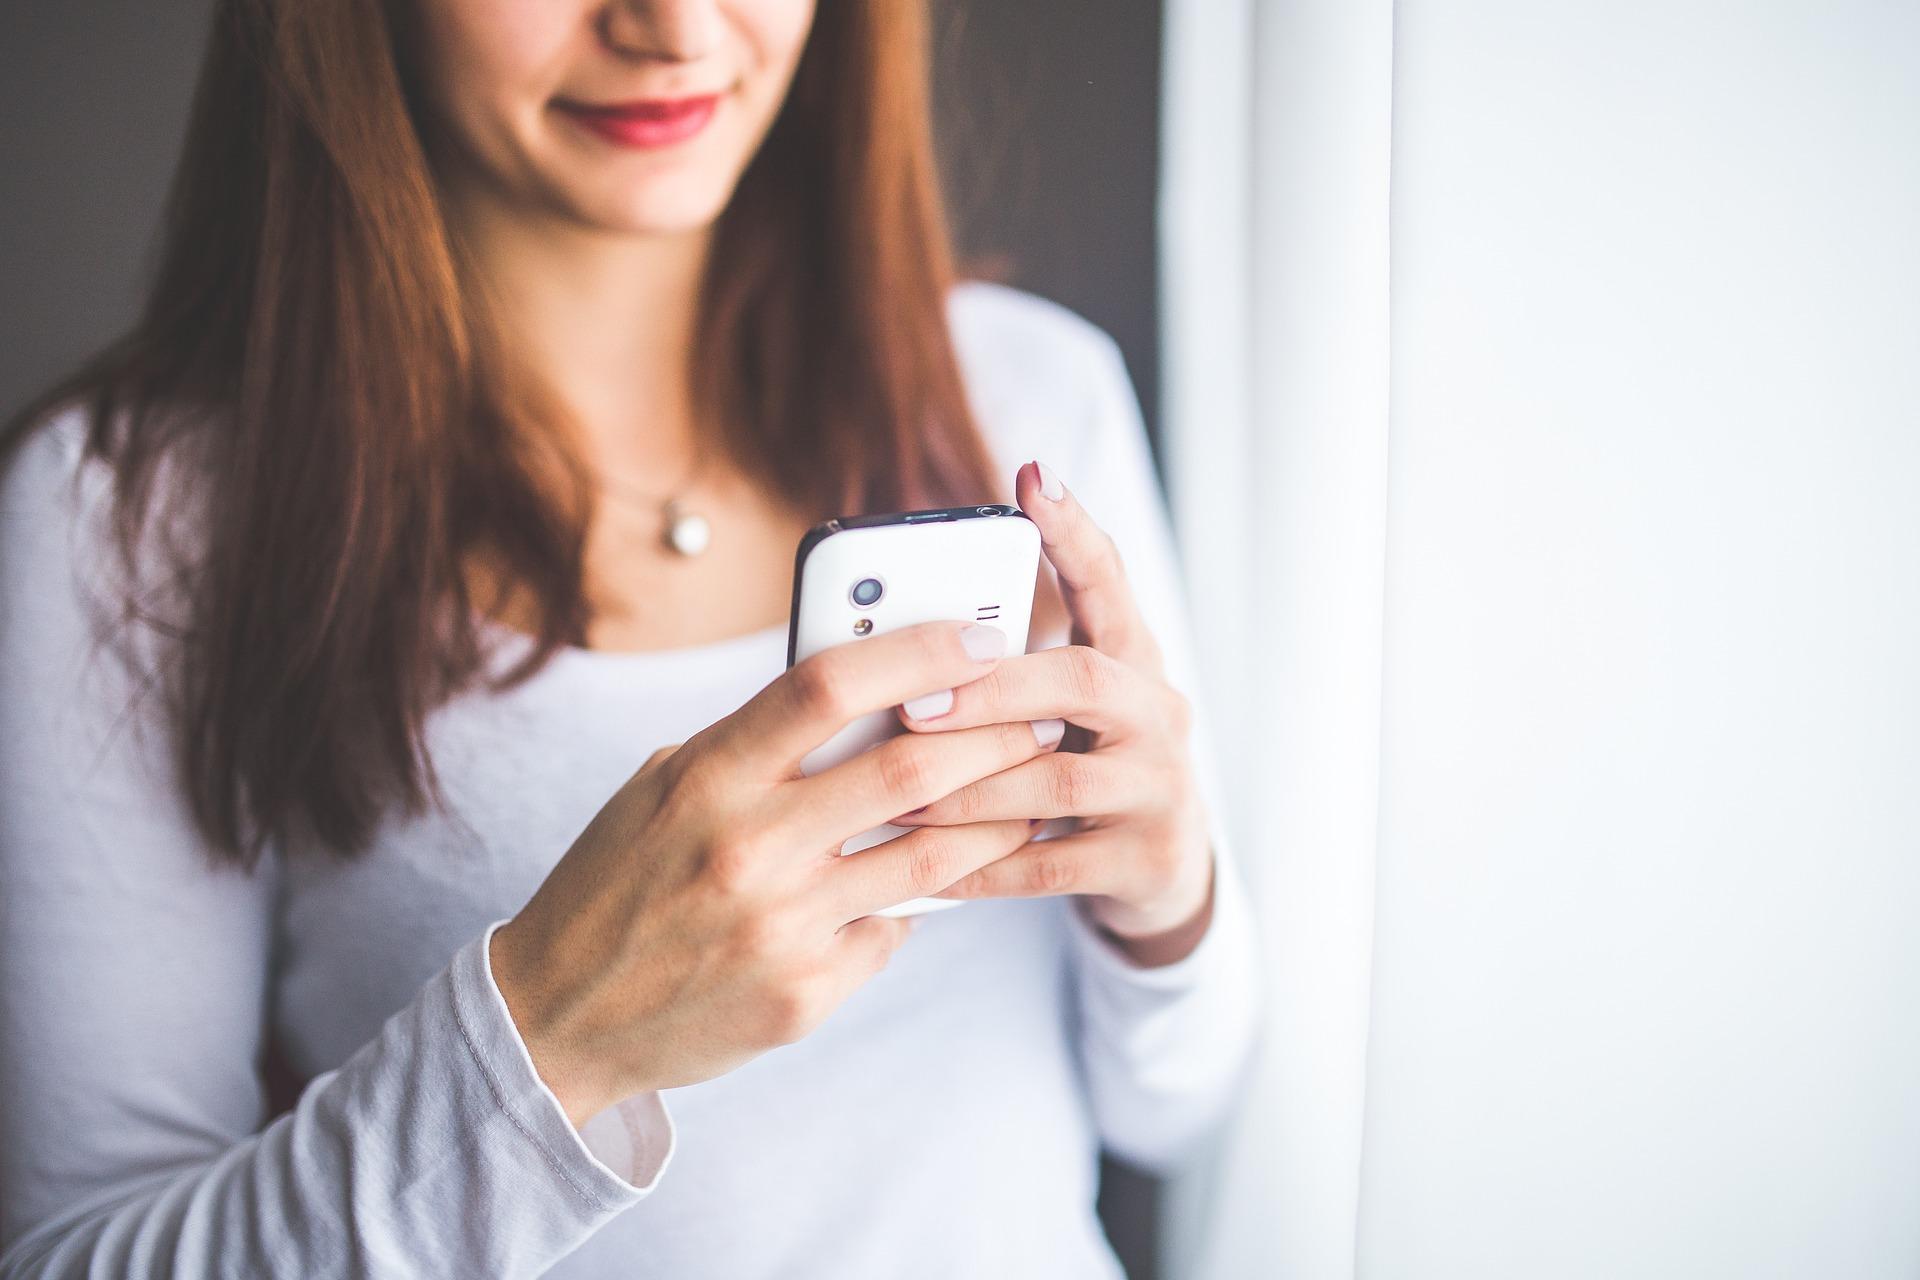 https://pixabay.com/en/mobile-phone-mobile-smartphone-791644/